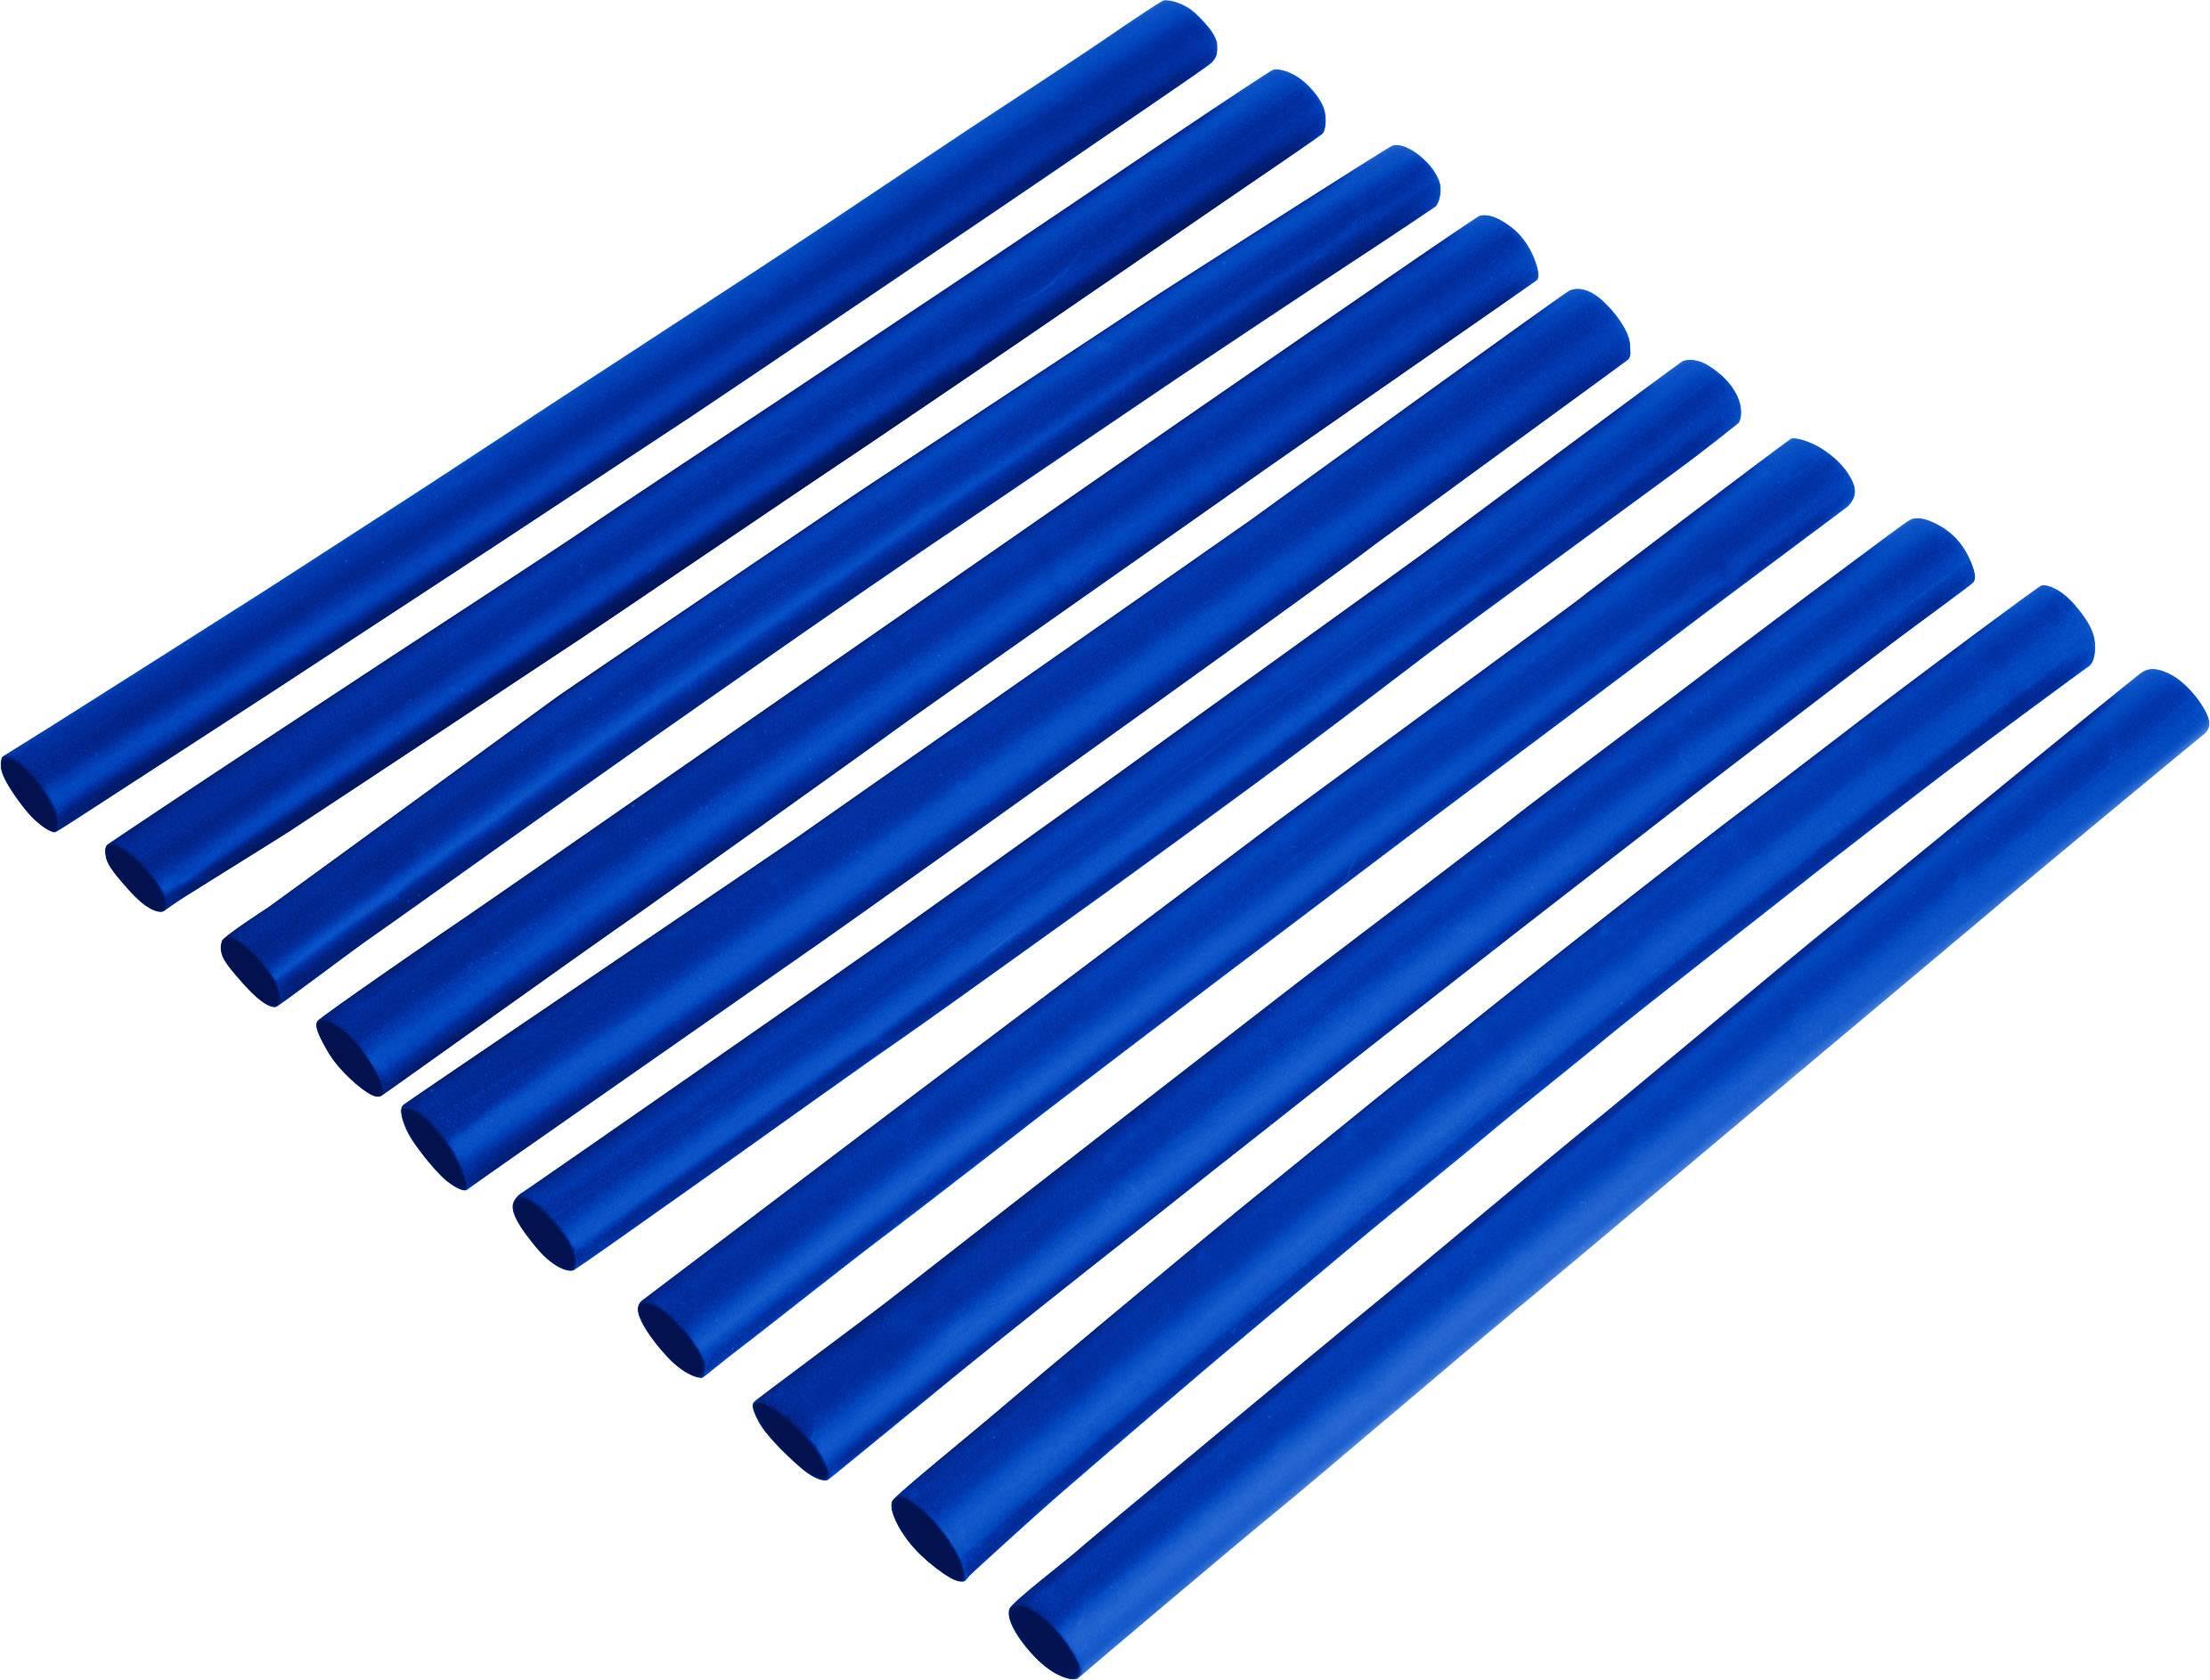 Sada zmršťovacých bužírok DSG Canusa 2810024502CO, 2:1, 1.20 mm /2.40 mm, modrá, 1 sada